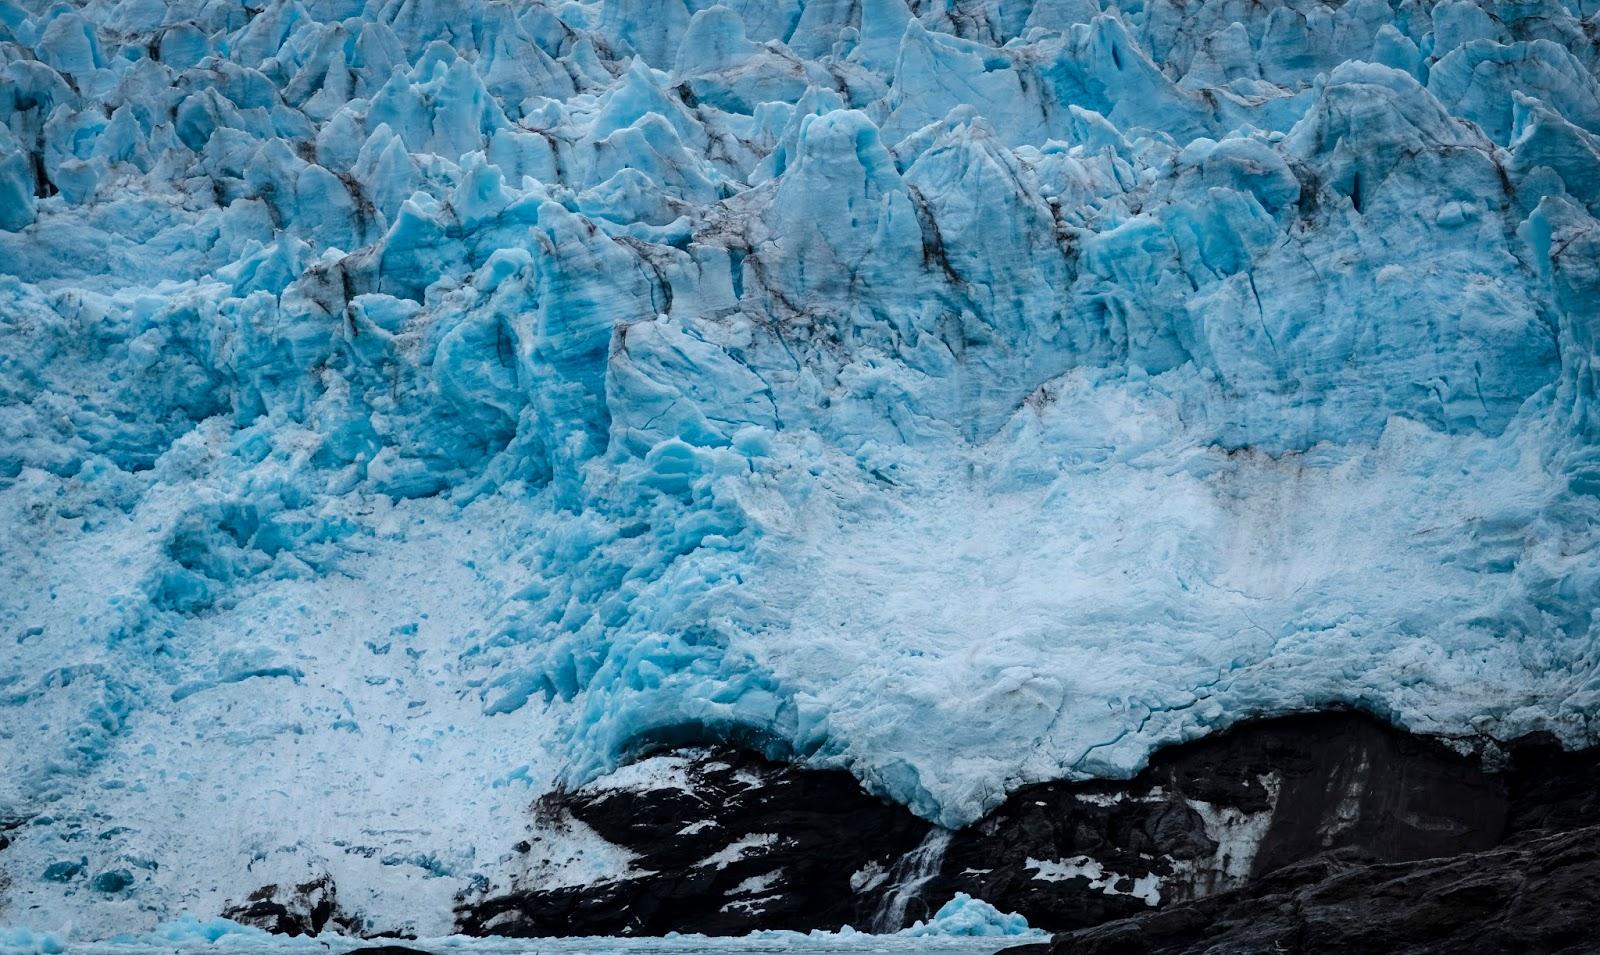 glacier nordenskiold svalbard spitzberg